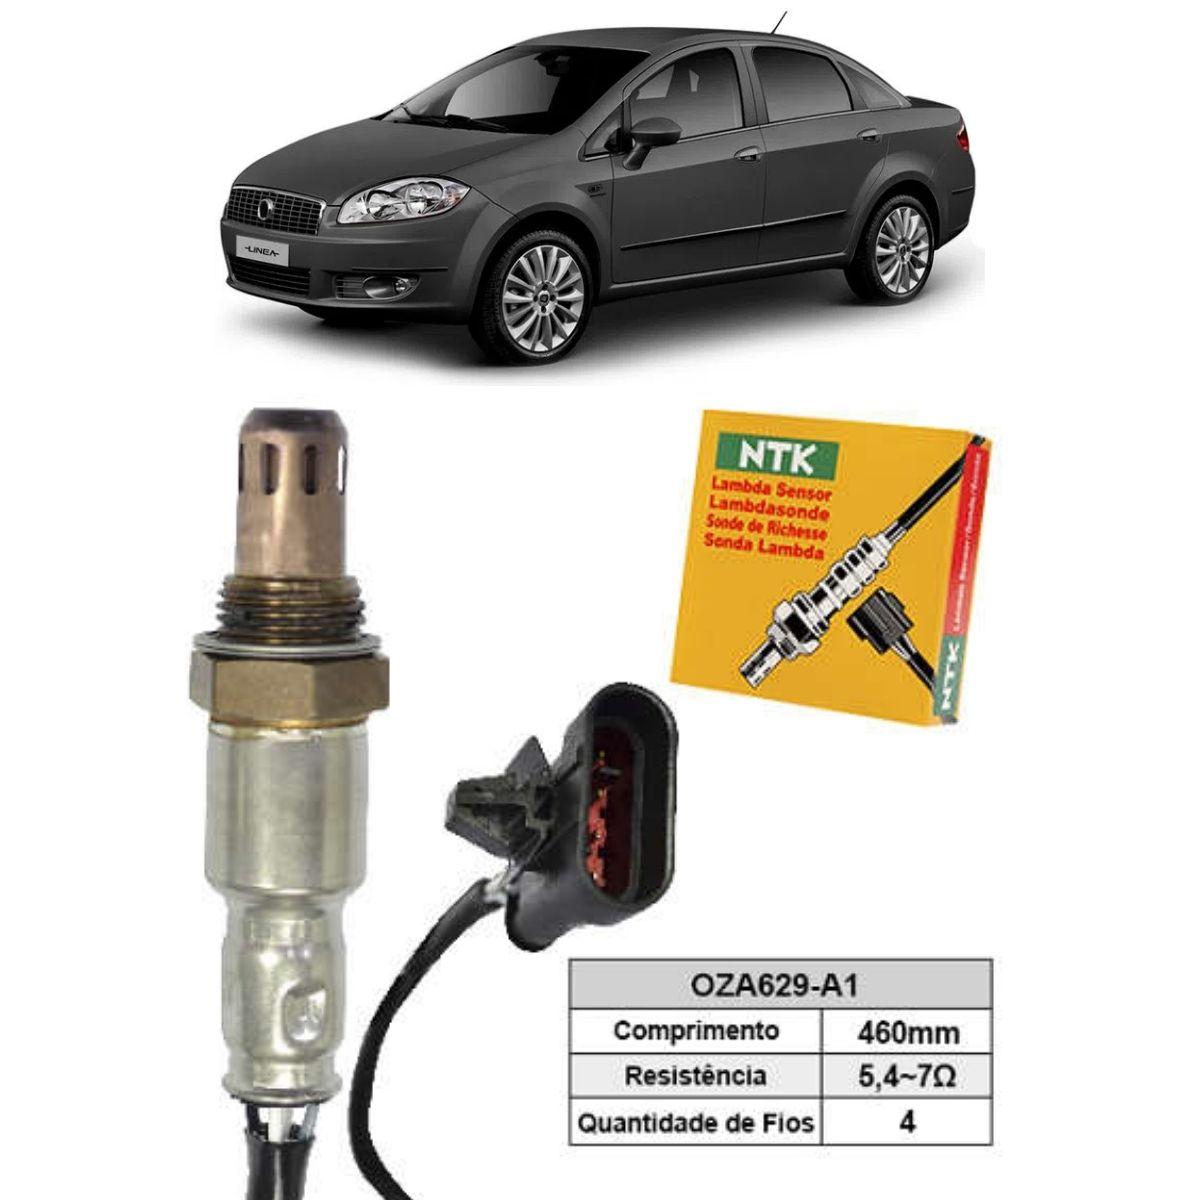 Sensor de Oxigenio Sonda Lambda - Linea 2009 a 2010 - Oza629-A1  - Conexao Brasil Autopeças